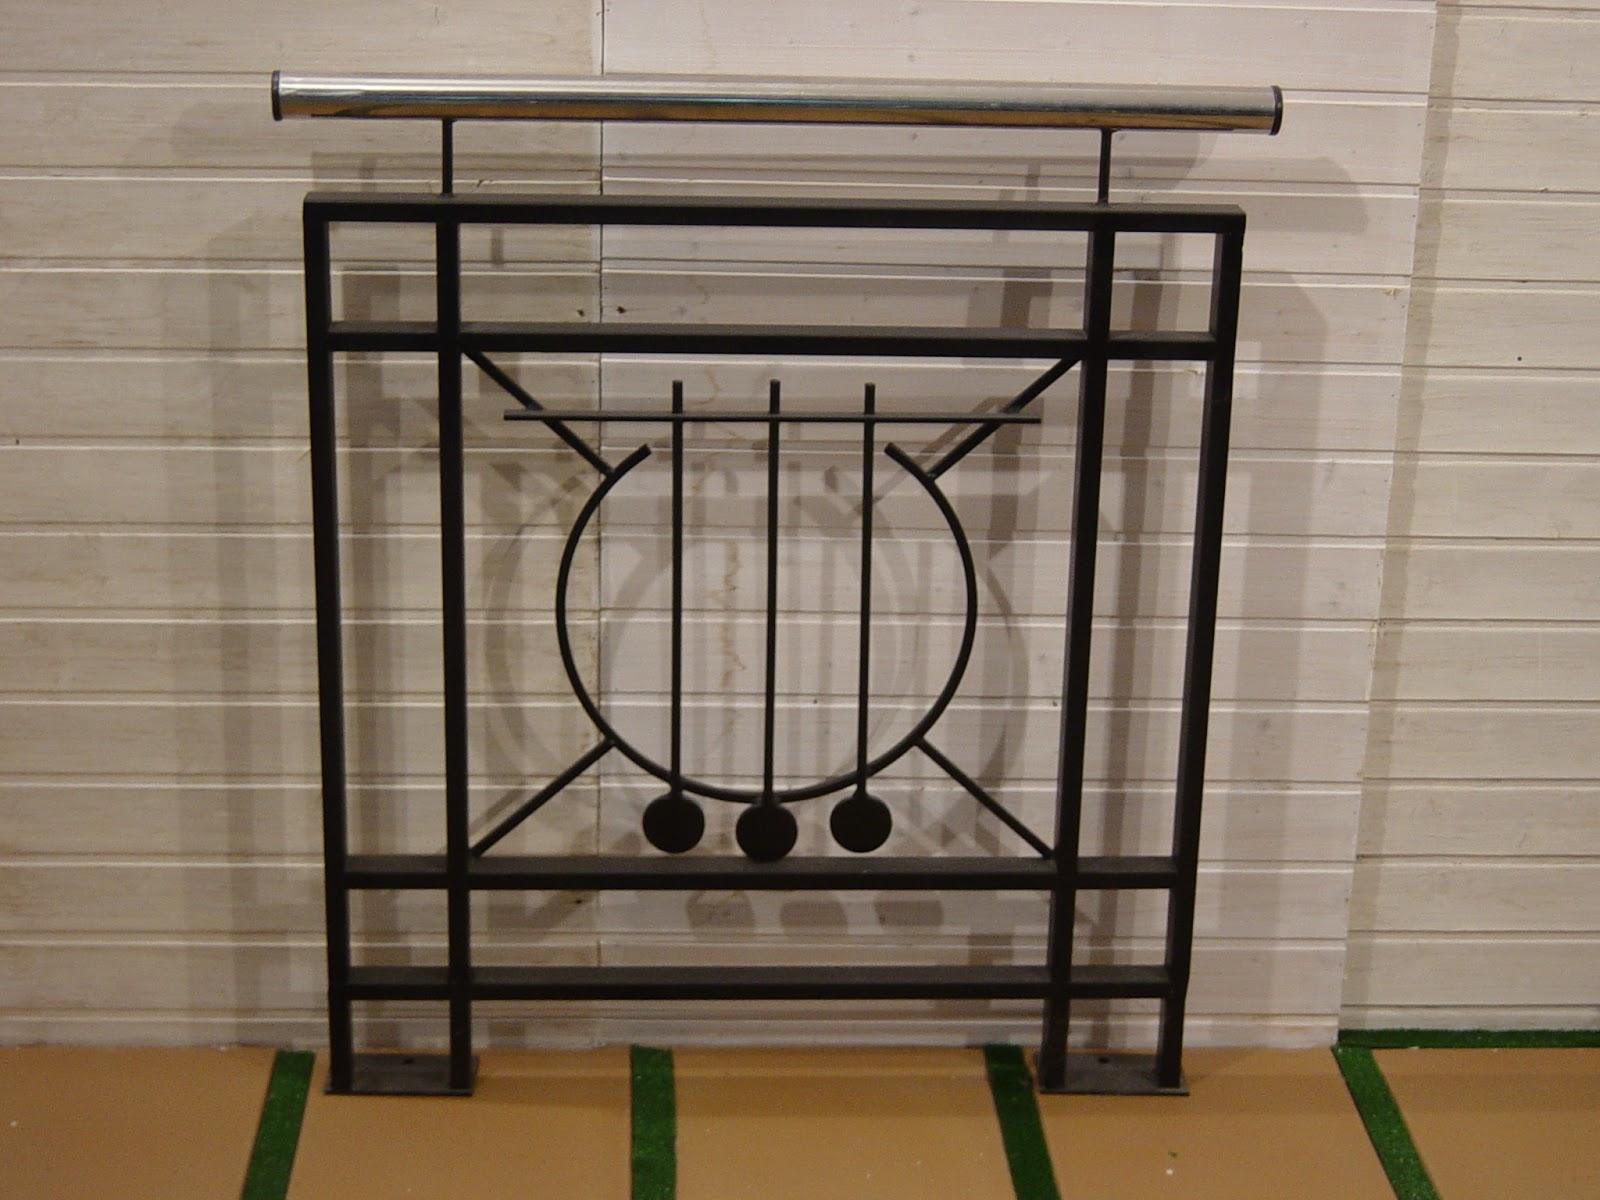 Rejas para ventanas y puertas en forja ideales para - Puertas para escaleras ...